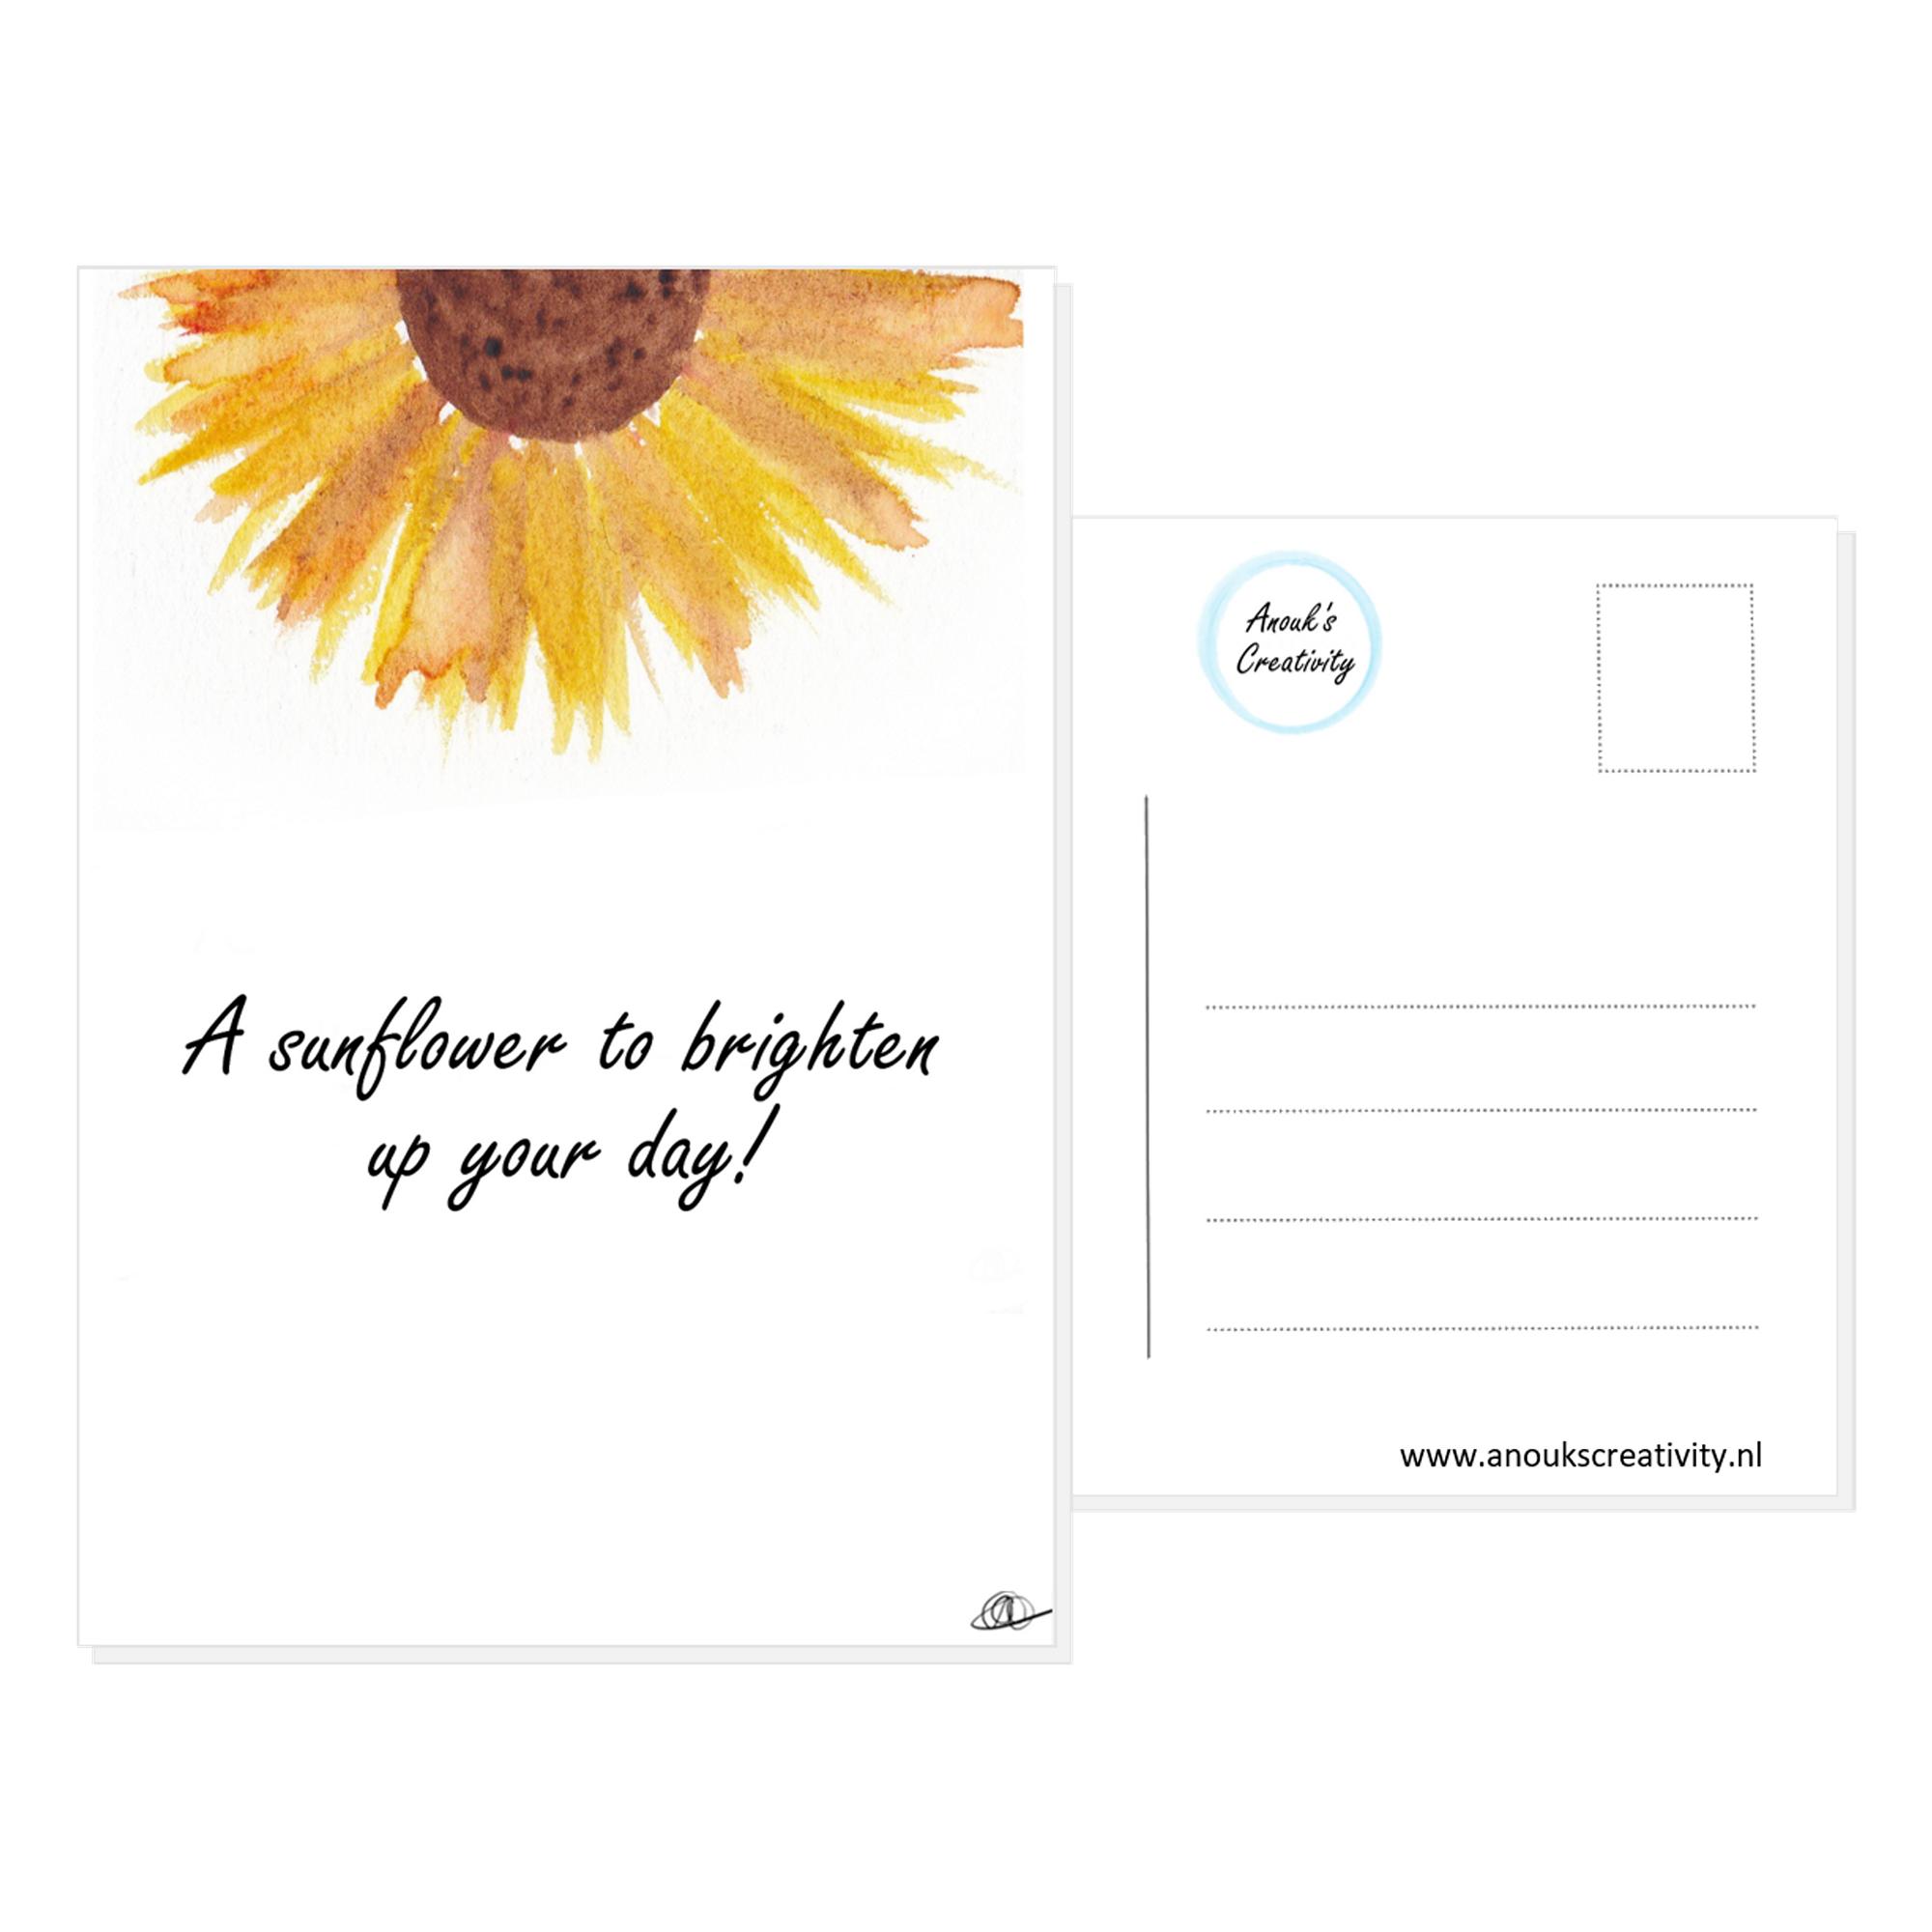 """Ansichtkaart met de tekst """"A sunflower to brighten up your day!"""" en hangemaakte illustraties van een zonnebloem. De achterkant van de ansichtkaart is ook te zien, daarop staan lijntjes voor het adres en is er plaats voor een postzegel."""